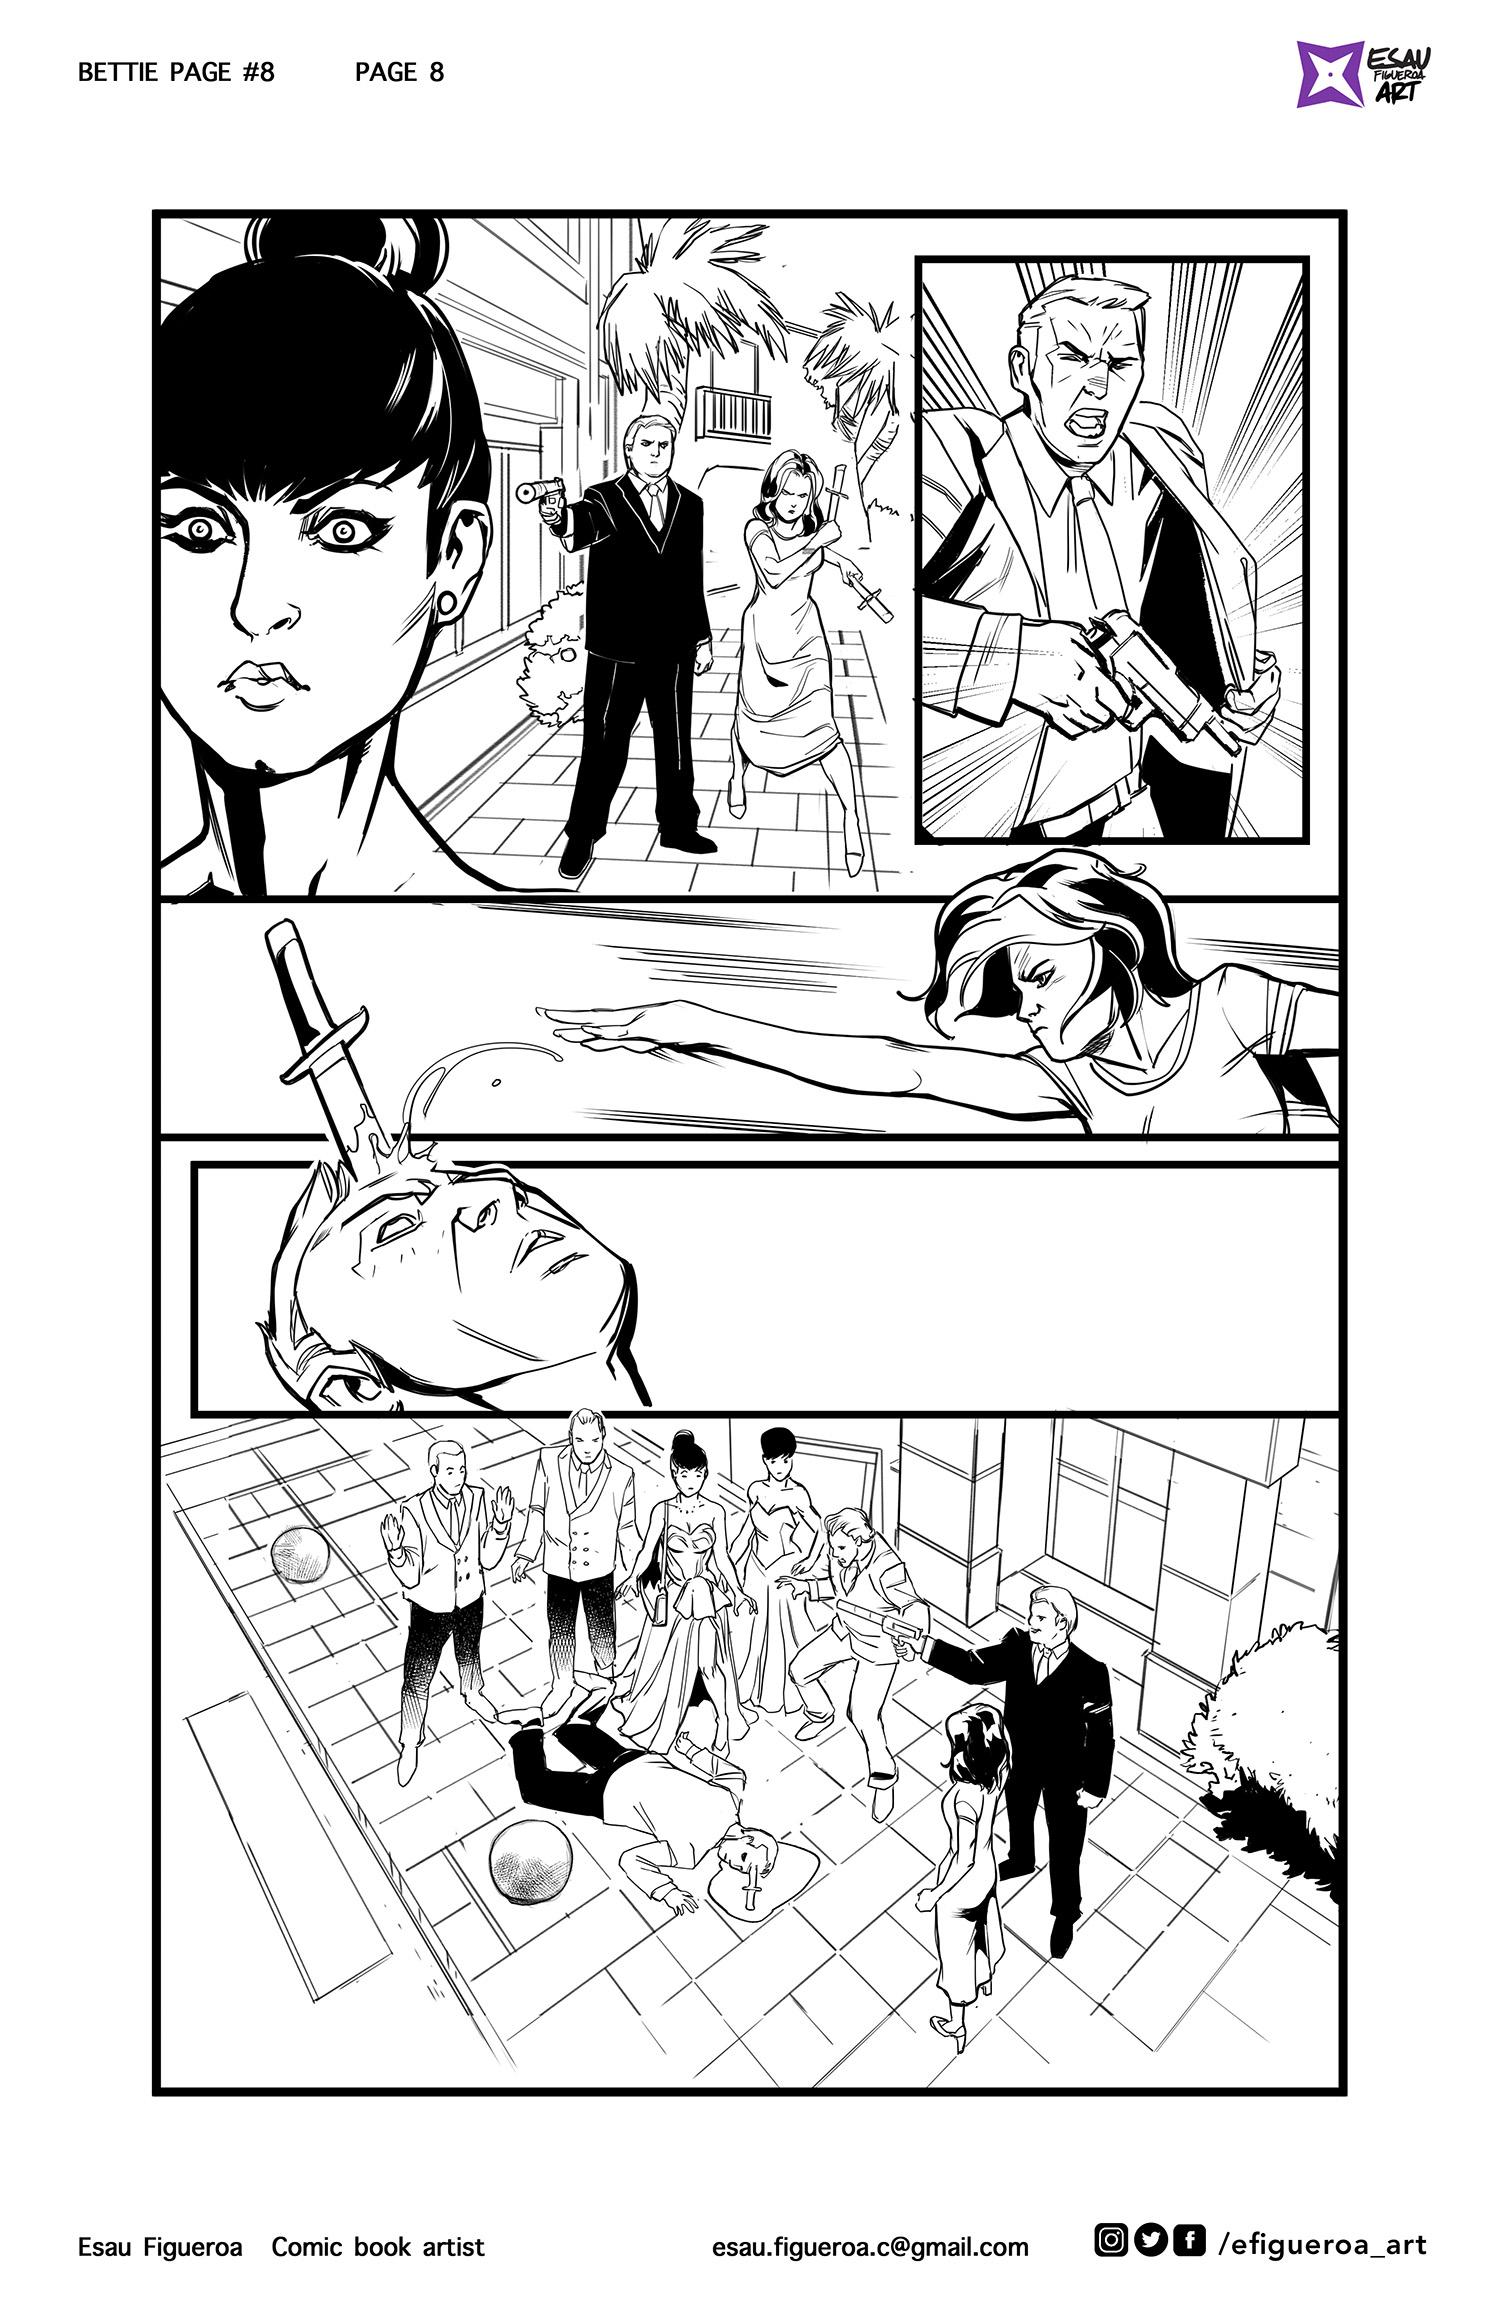 Bettie-page-8-8 .jpg